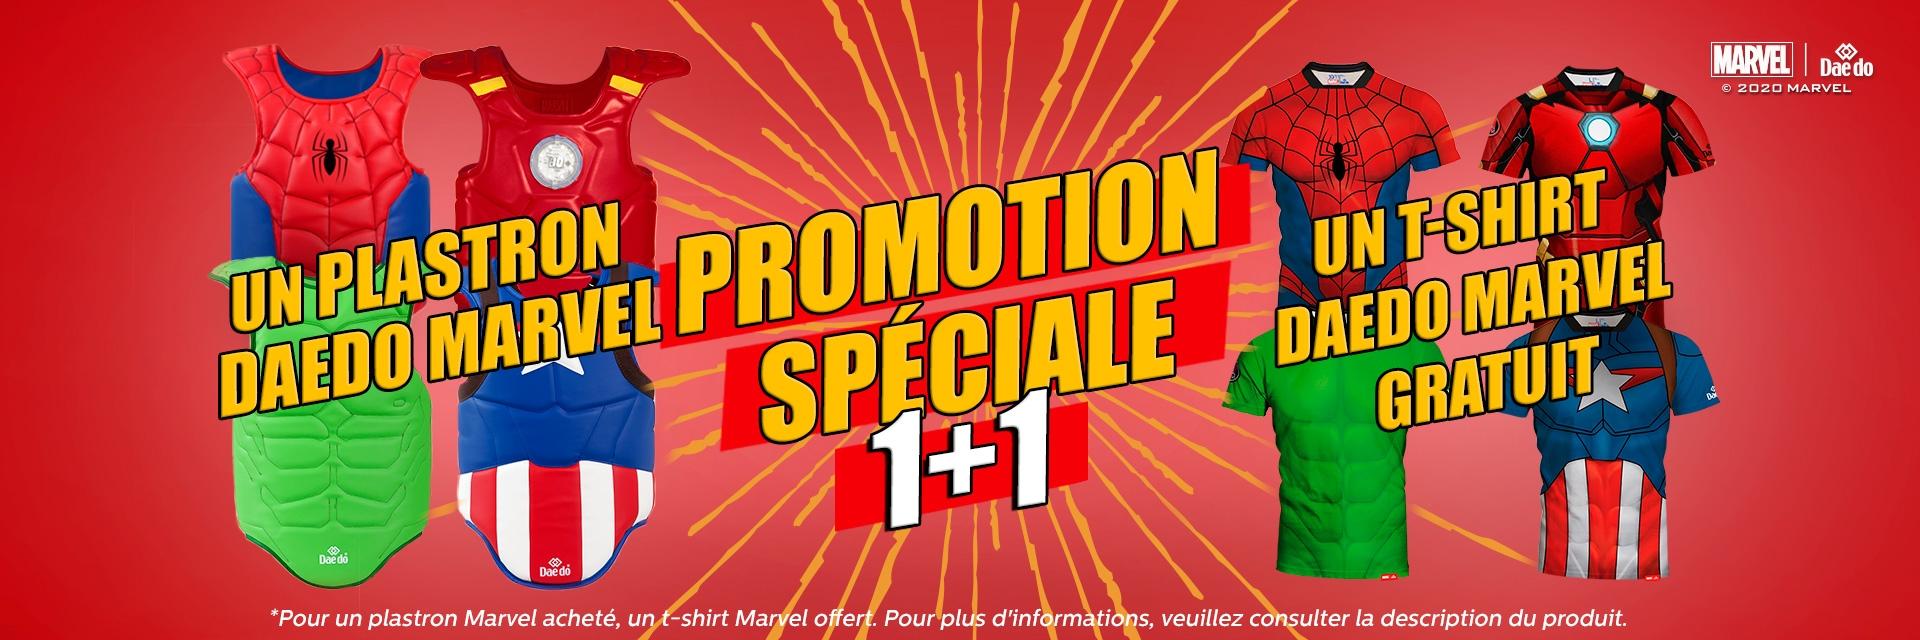 Promotion spéciale - Un plastron Daedo Marvel + Un t-shirt Daedo Marvel gratuit